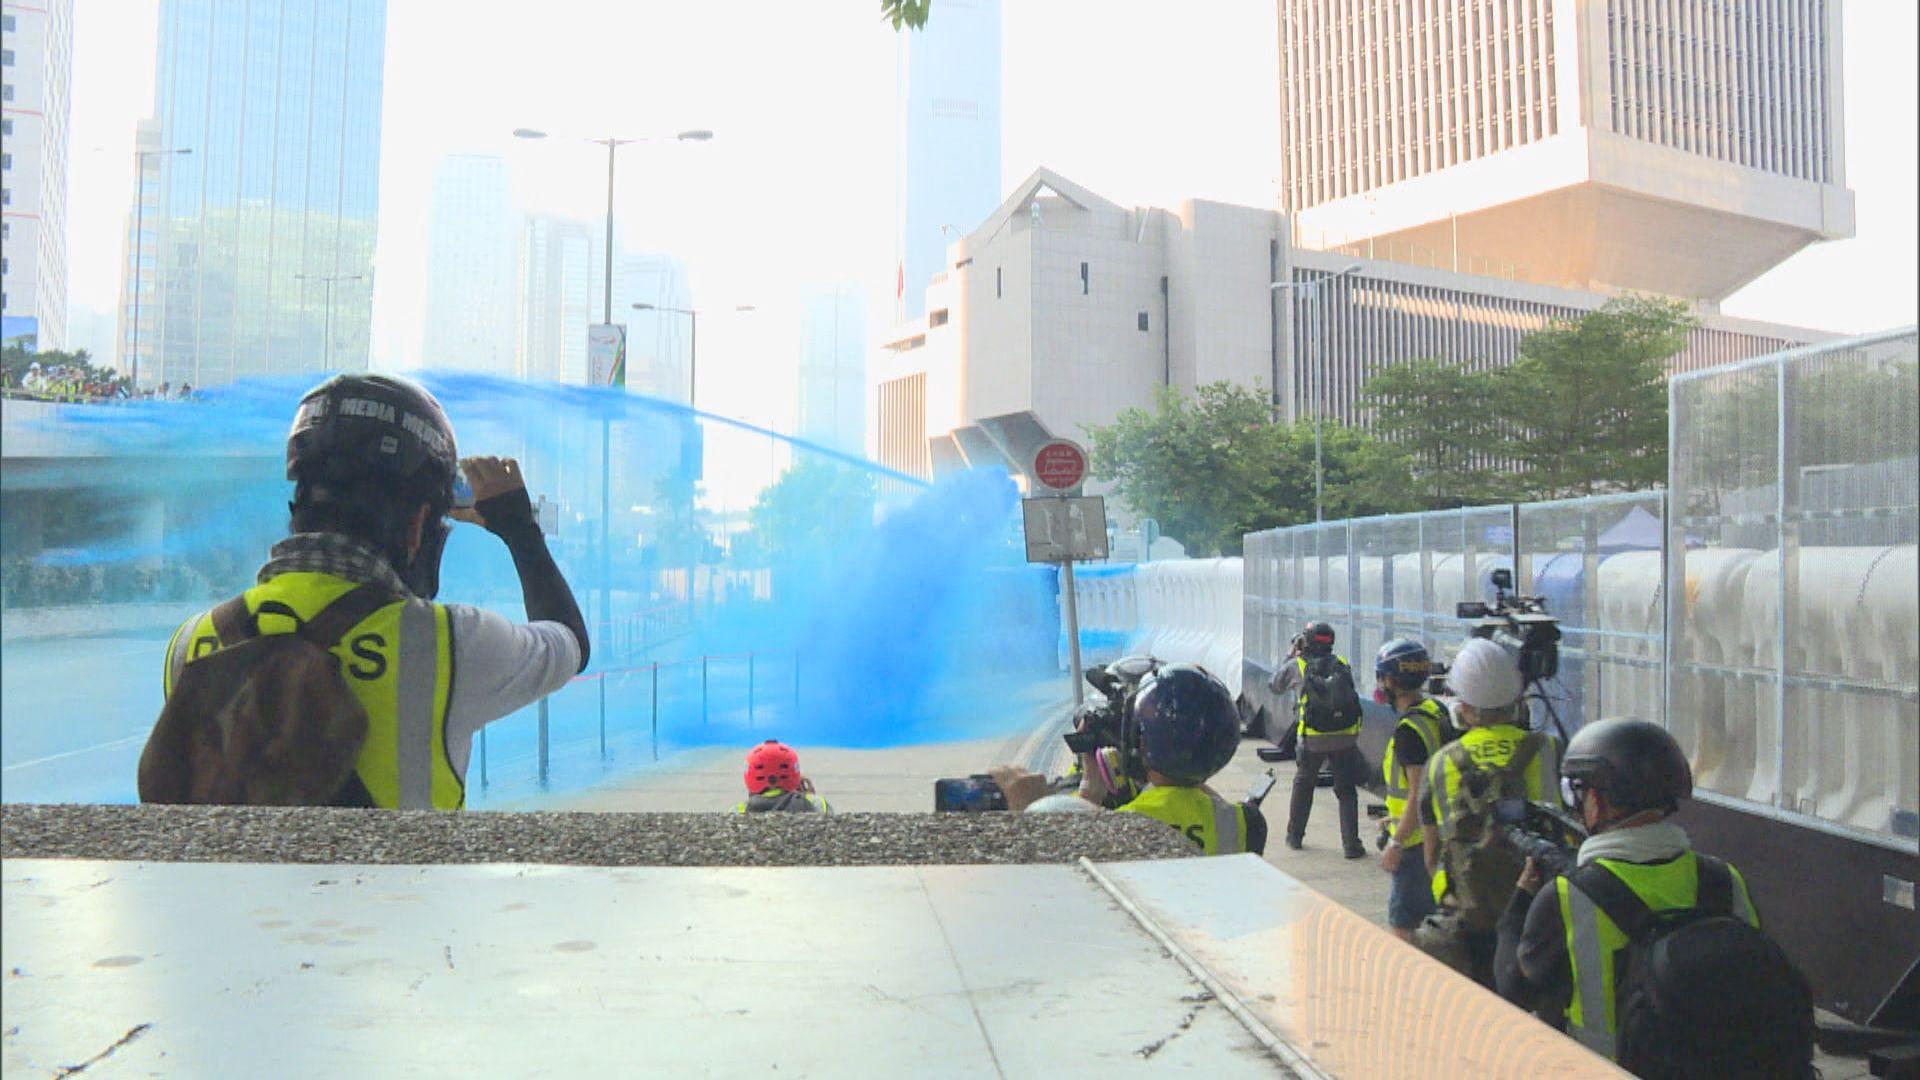 水炮車政總射顏色水驅散示威者